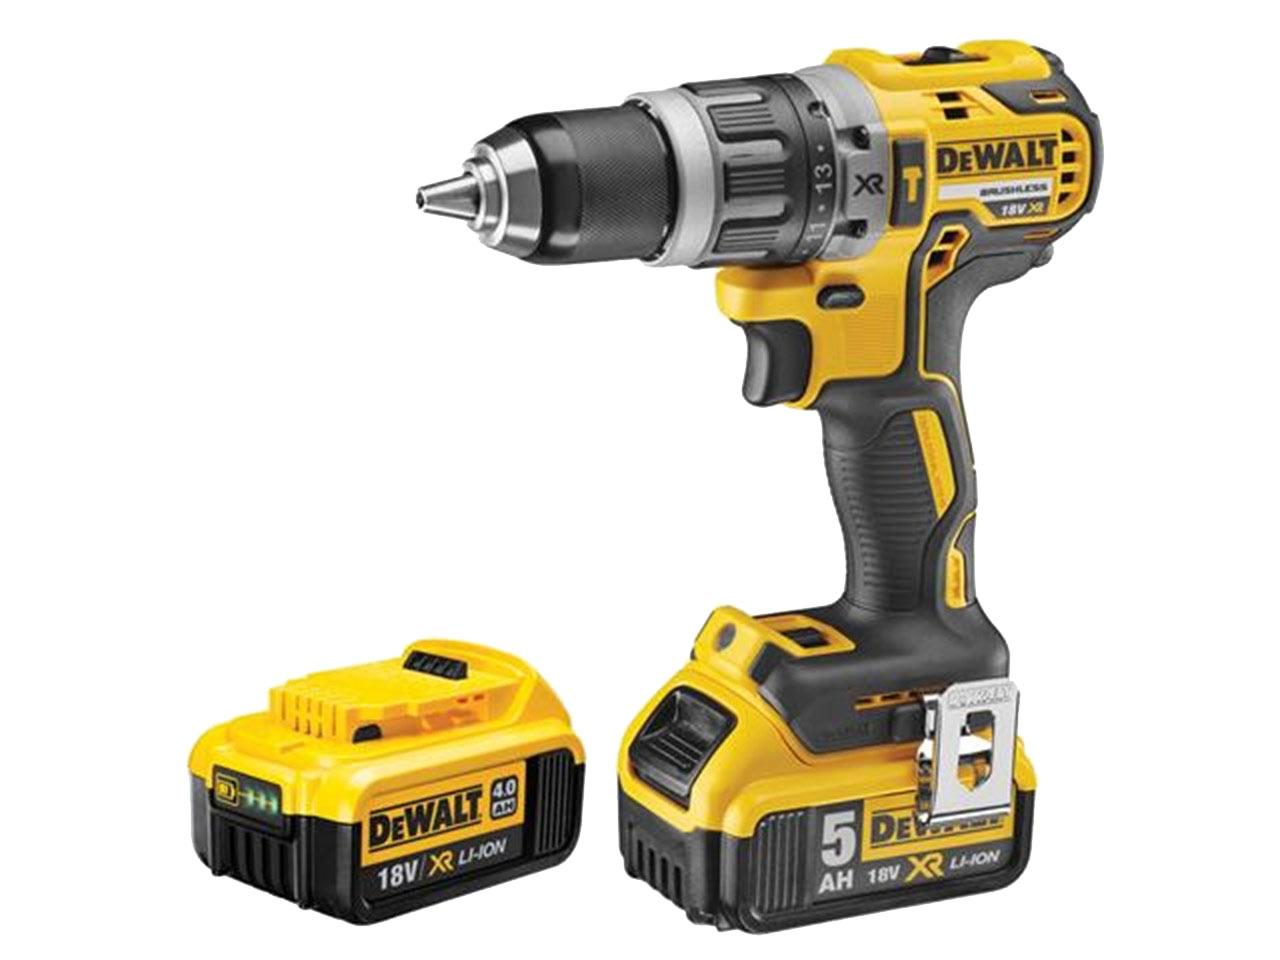 2x2.0AH  Li-ion XR batteries *NEW* Dewalt 18V XR Brushless Combi Drill Kit Inc